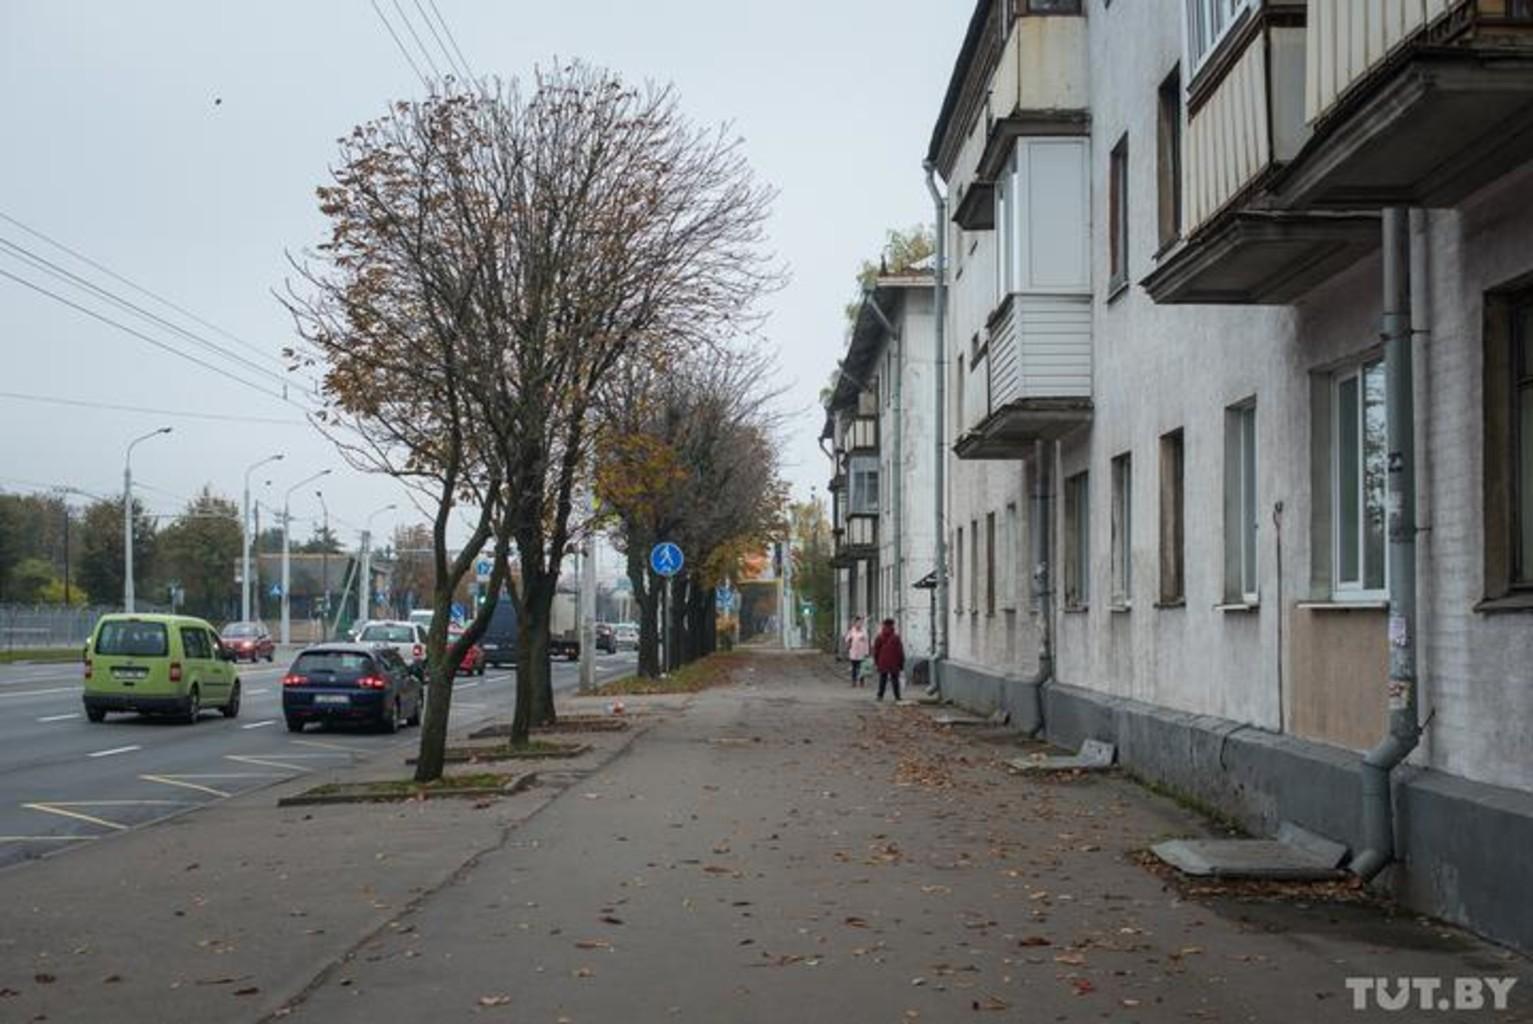 Orlovskaya serebryakova tutby mvs 7355